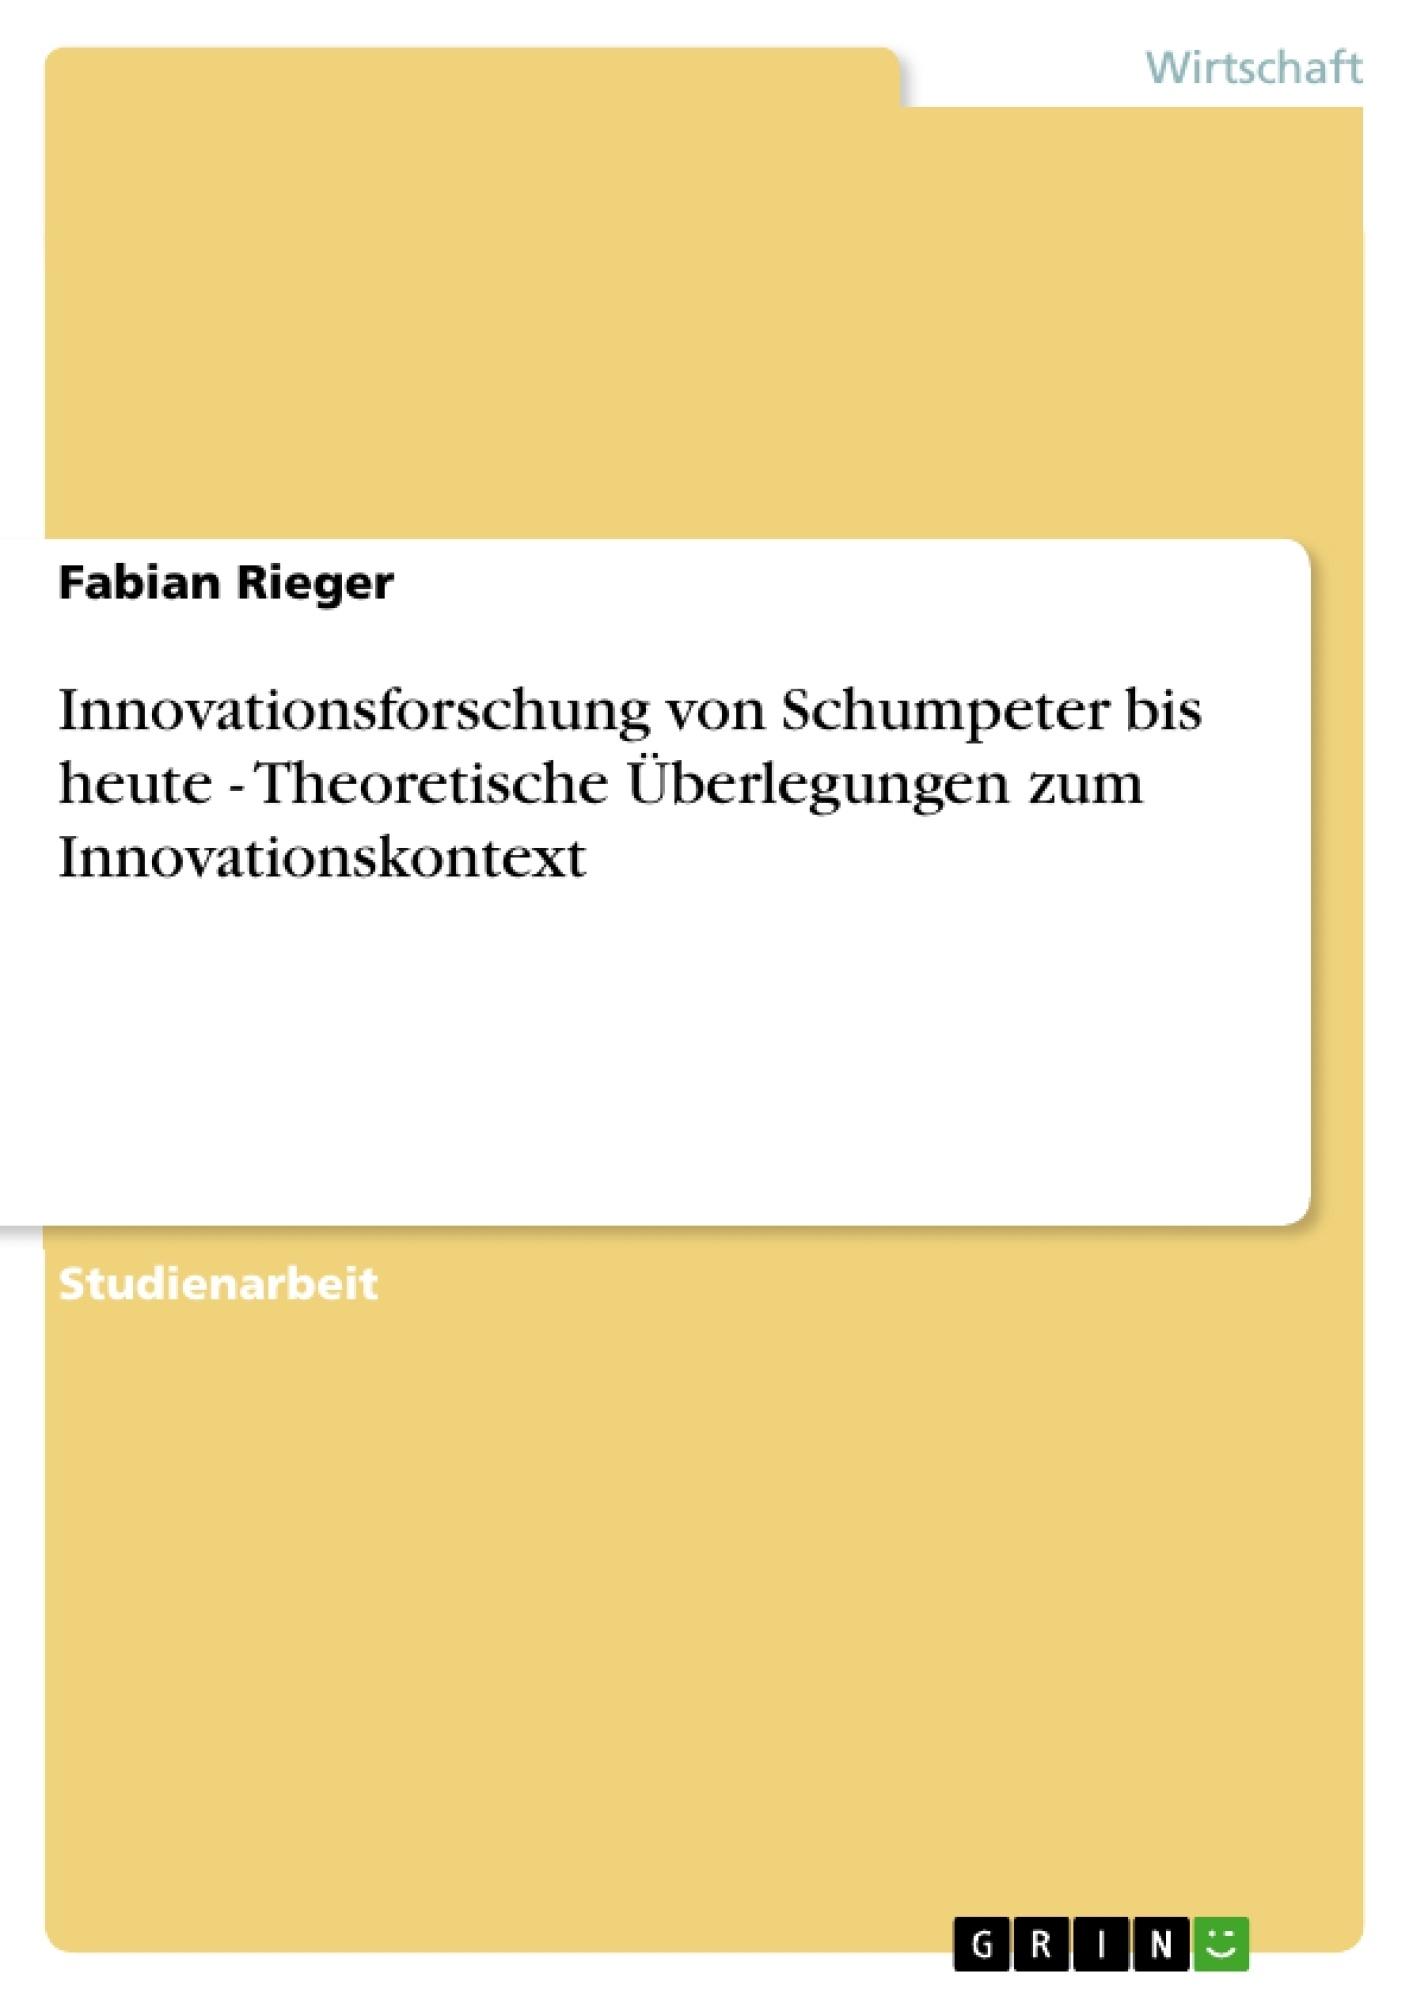 Titel: Innovationsforschung von Schumpeter bis heute - Theoretische Überlegungen zum Innovationskontext